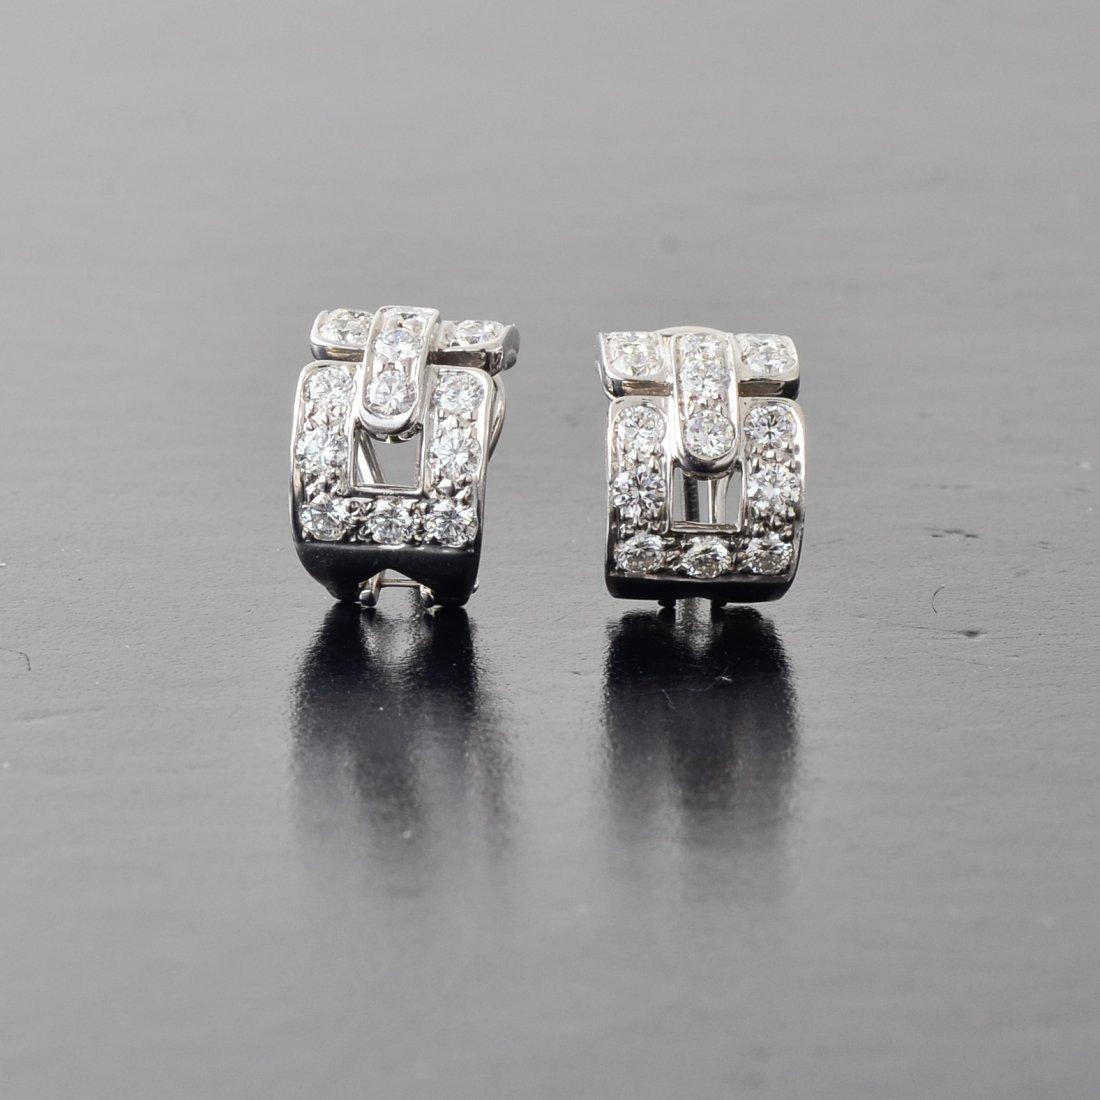 Tiffany Diamond Earrings